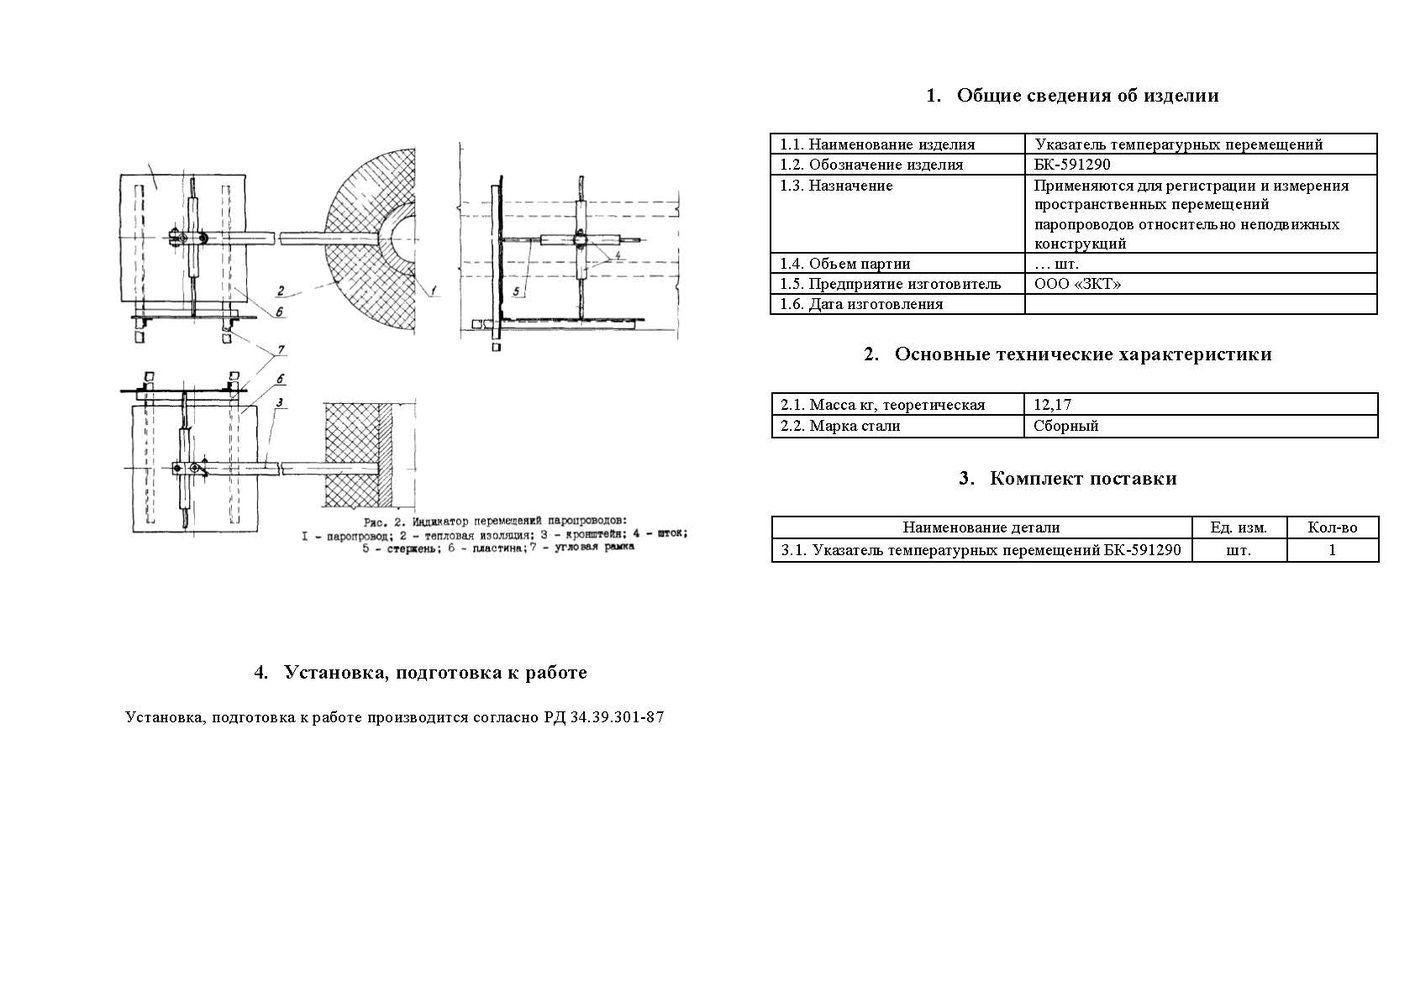 Паспорт БК-591290 Указатель температурных перемещений стр.2